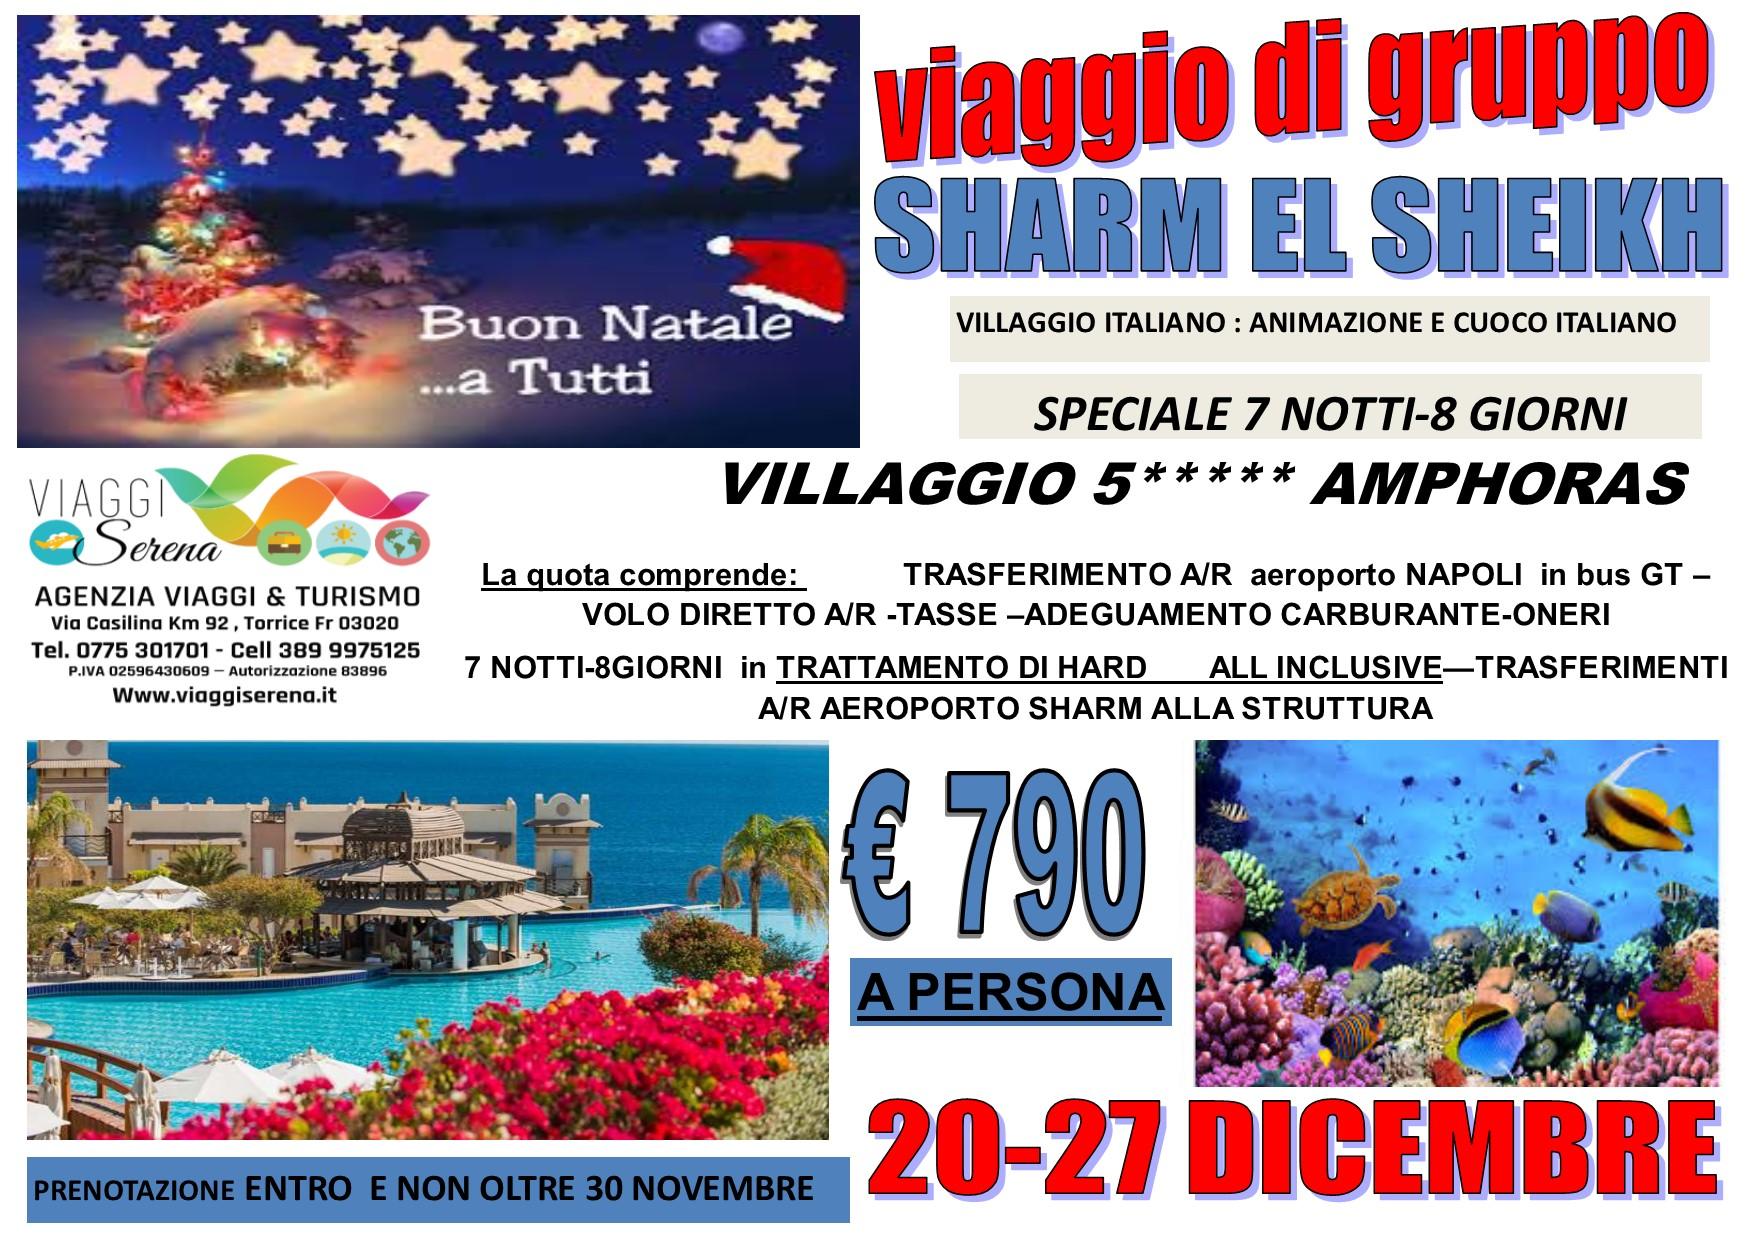 Viaggi di Gruppo: Speciale Natale SHARM EL SHEIKH 20-27 Dicembre € 790,00